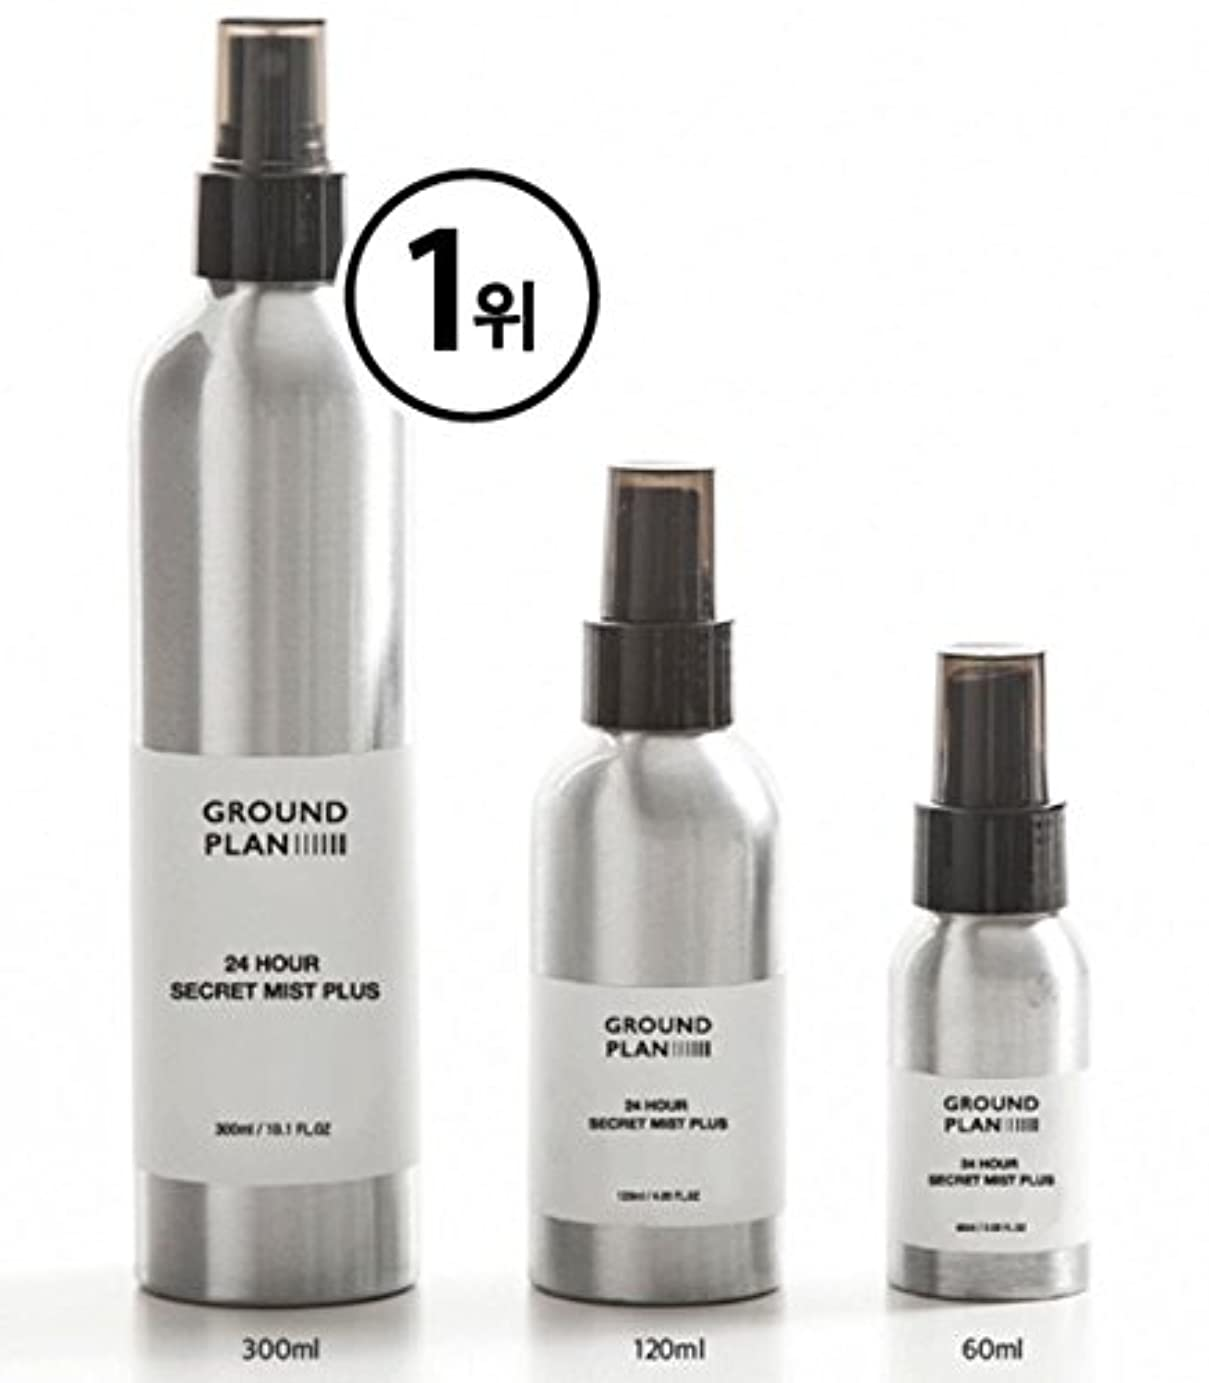 ランプよく話される黙認する[グラウンド?プラン] 24Hour 秘密 スキンミスト Plus (120ml) (300ml) Ground plan 24 Hour Secret Skin Mist Plus [海外直送品] (120ml)